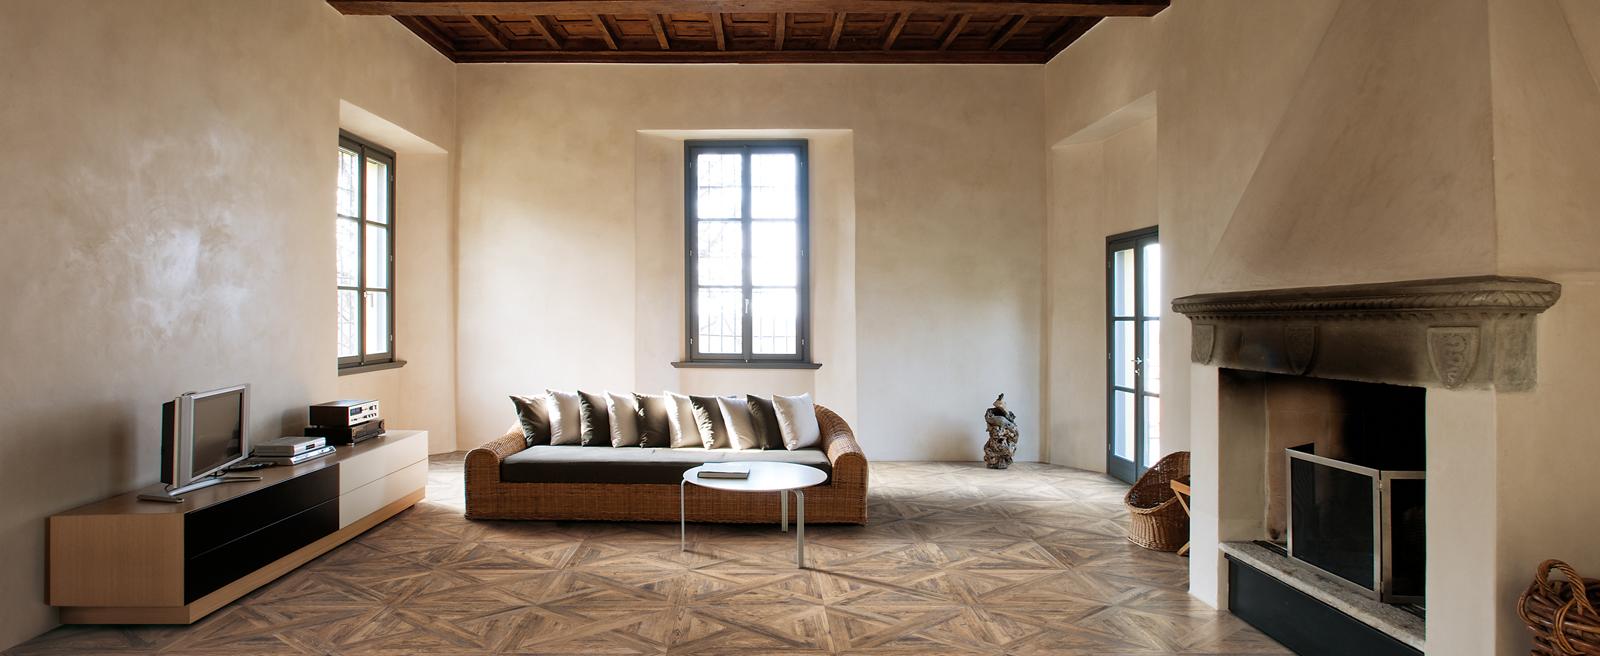 Porcelain tiles that look like assembled parquet panels - Baita